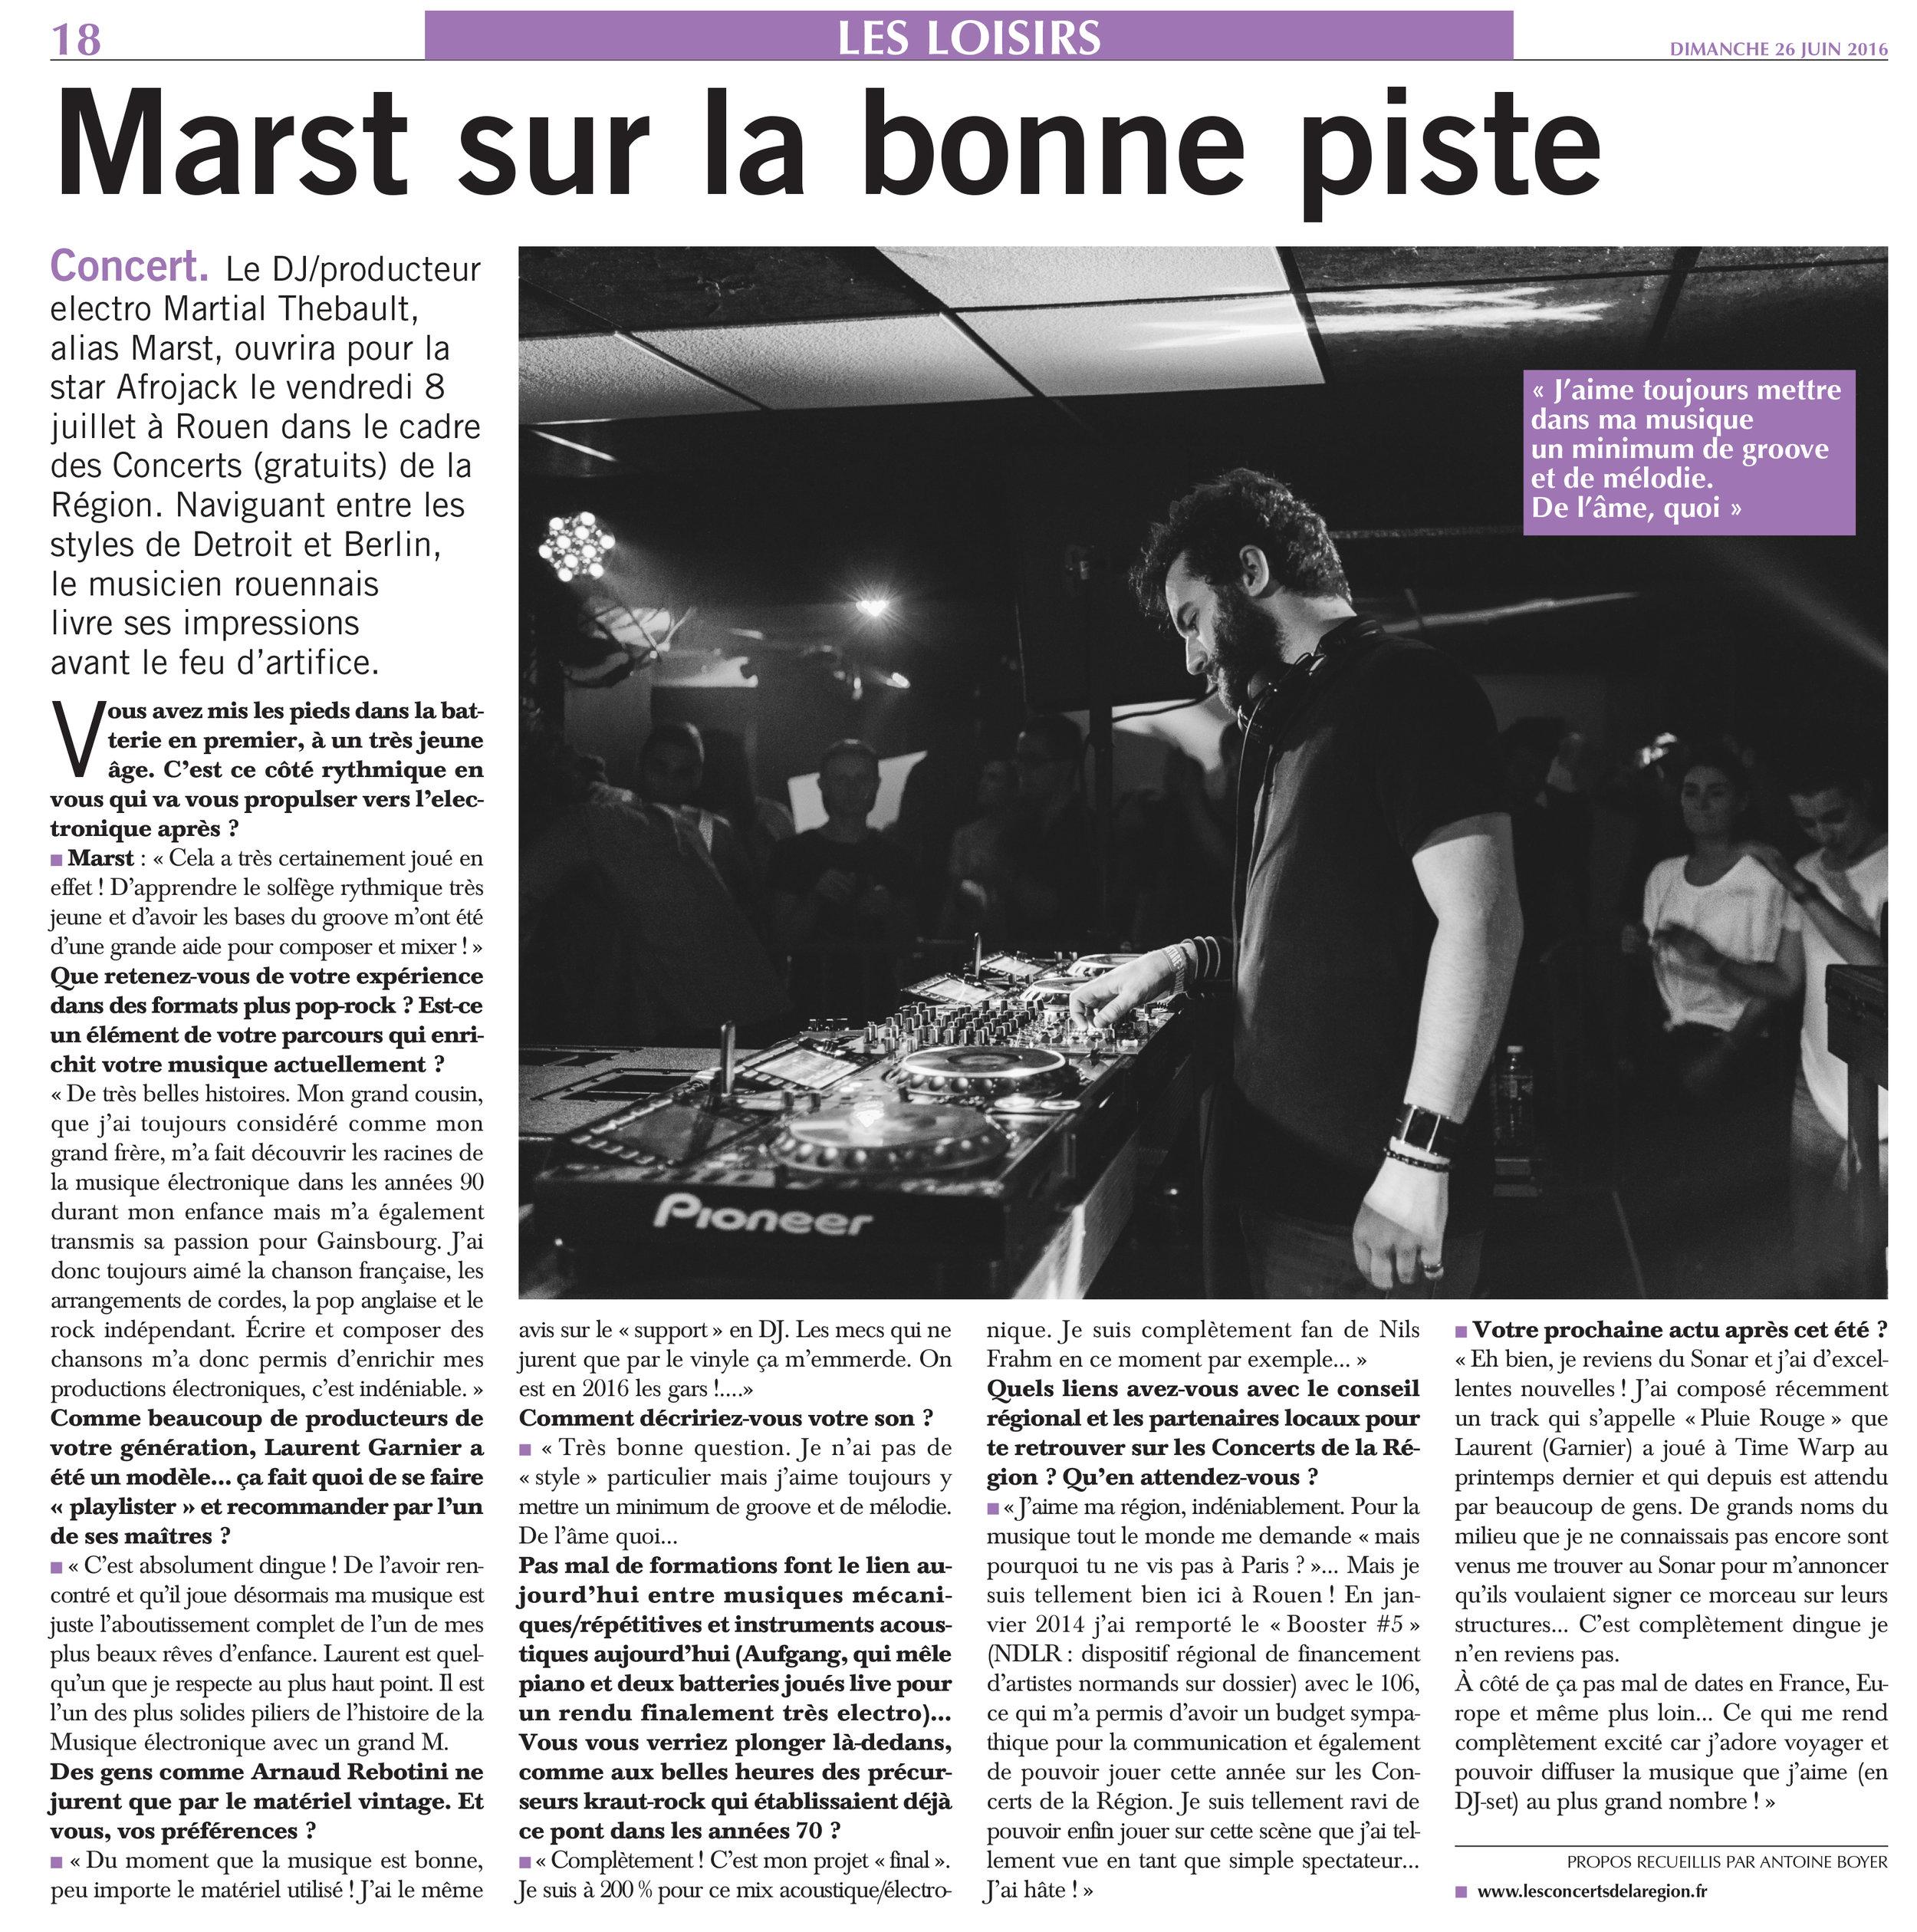 Liberté Dimanche - FR - June 2016